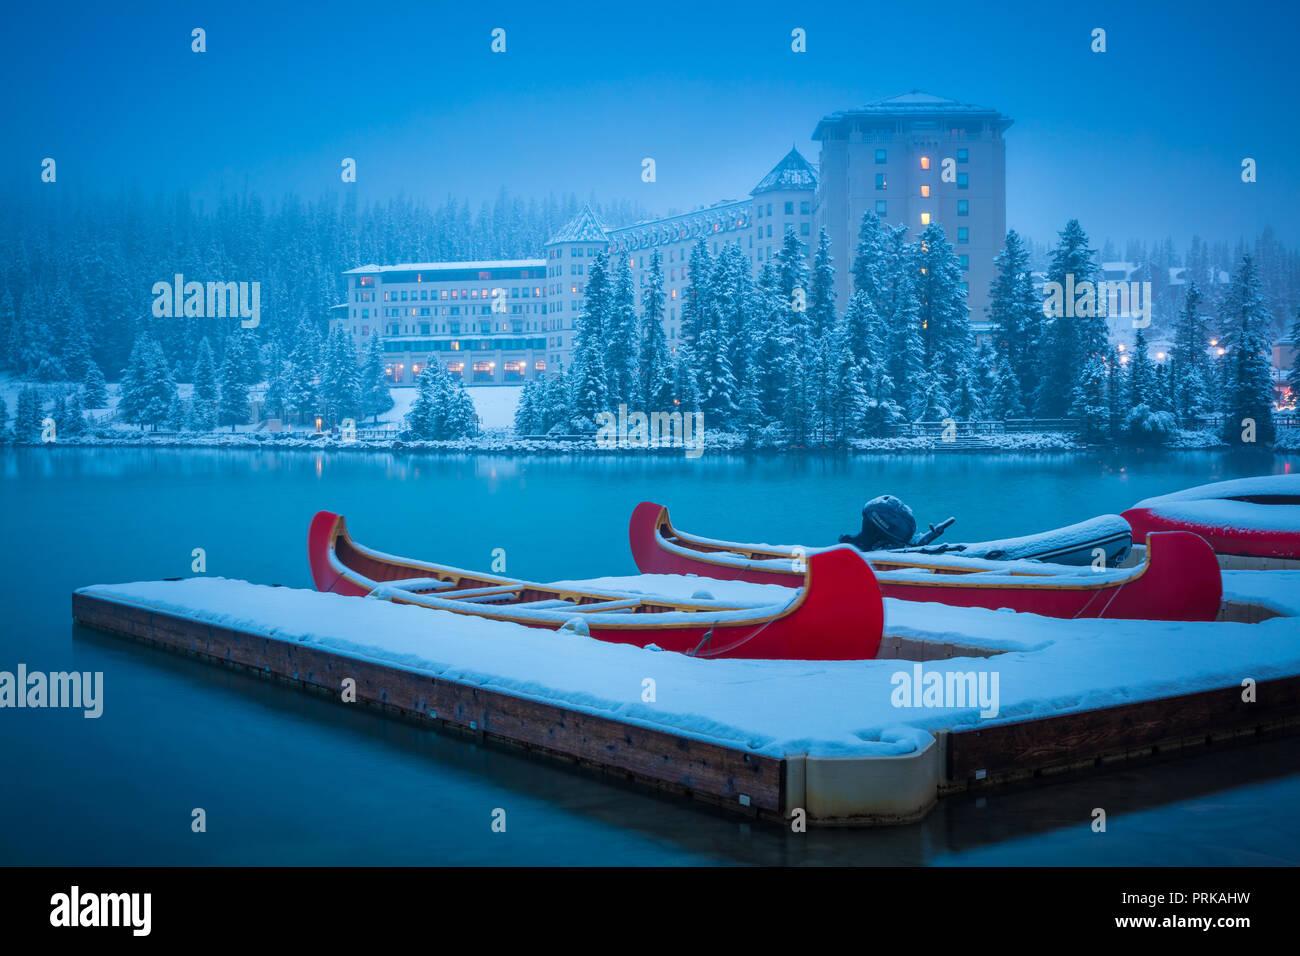 Il lago Louise è un lago glaciale entro il Banff National Park in Alberta, Canada. Immagini Stock